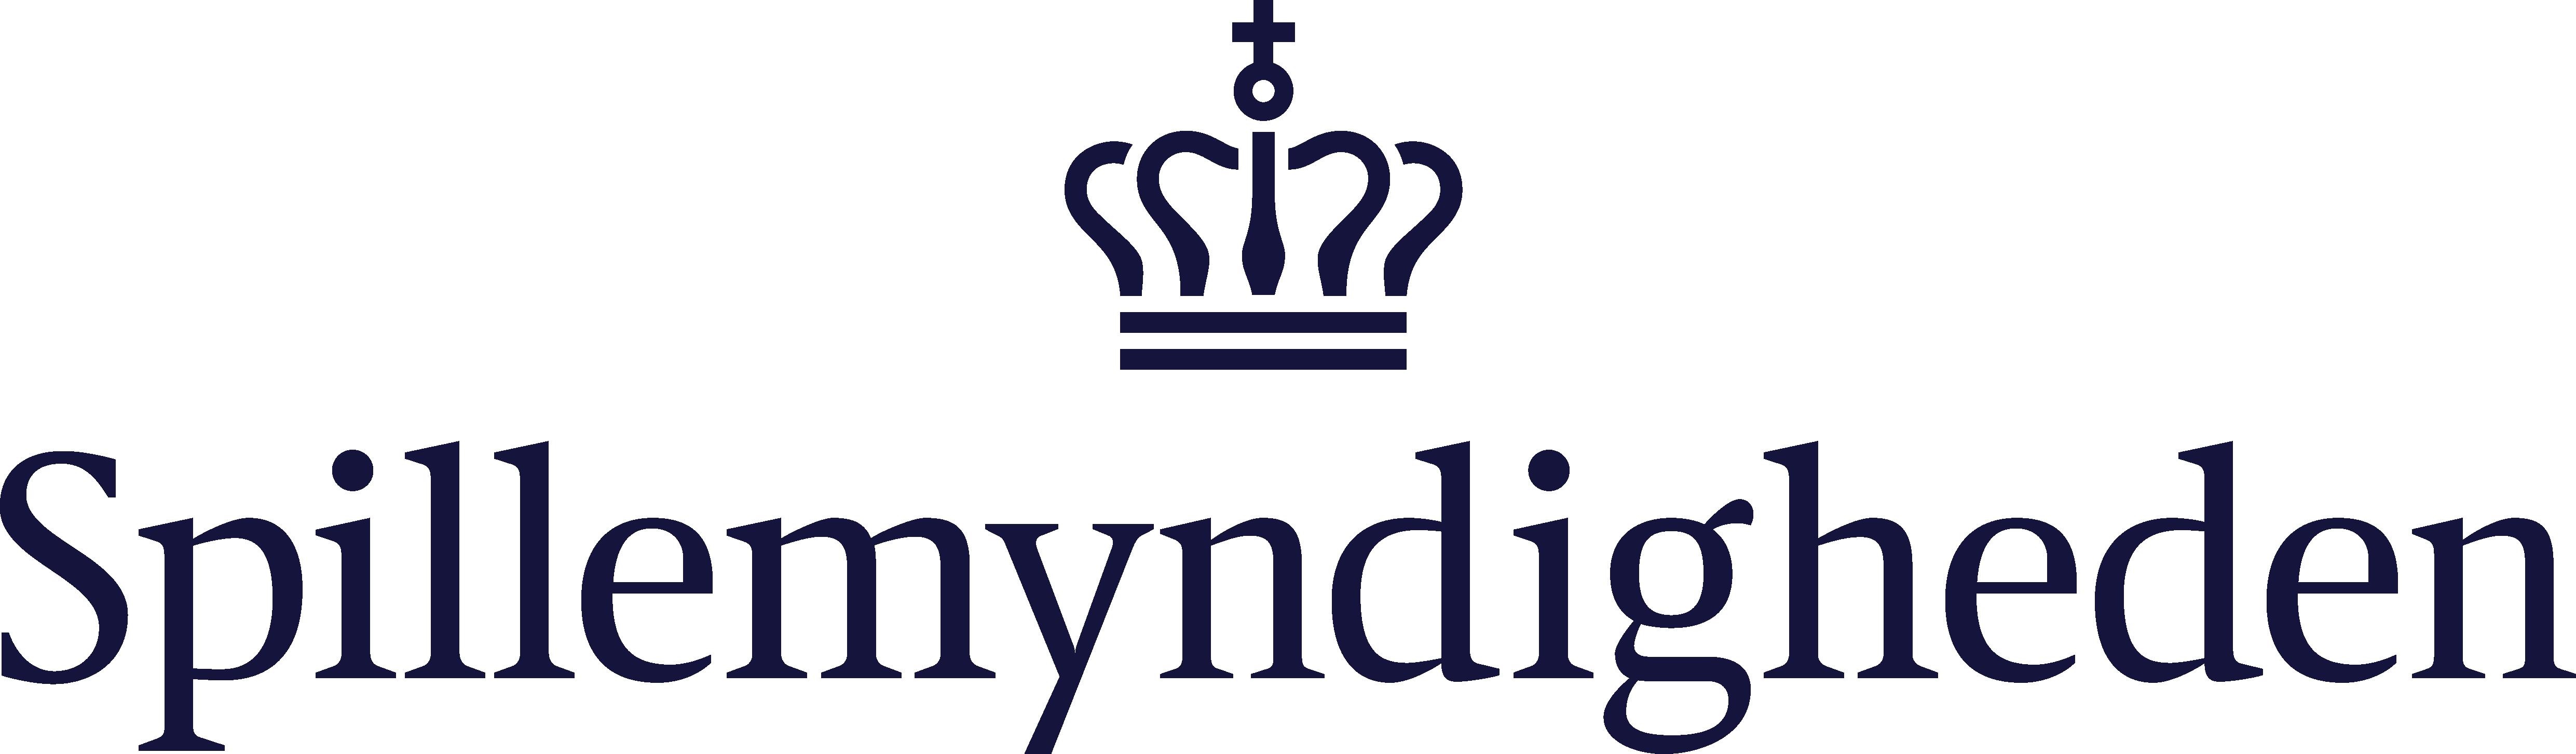 spillemyndigheden.dk